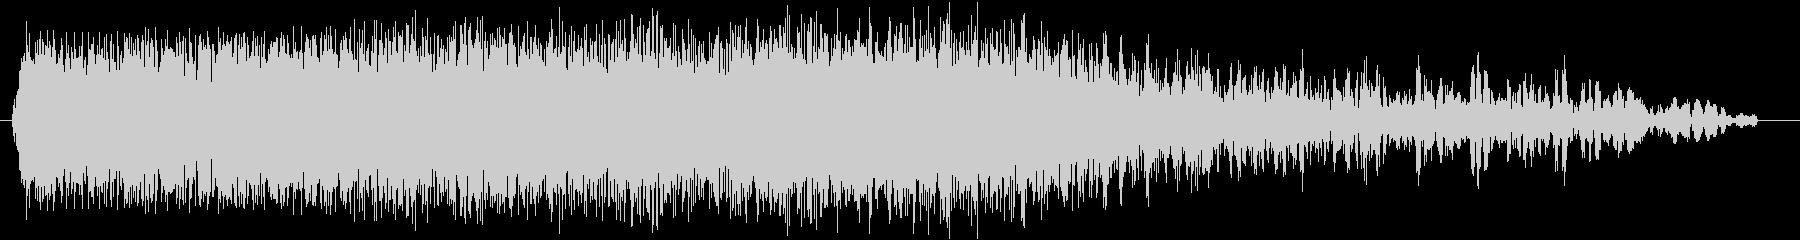 ドラゴンの鳴き声(恐竜や怪獣の声にも)の未再生の波形